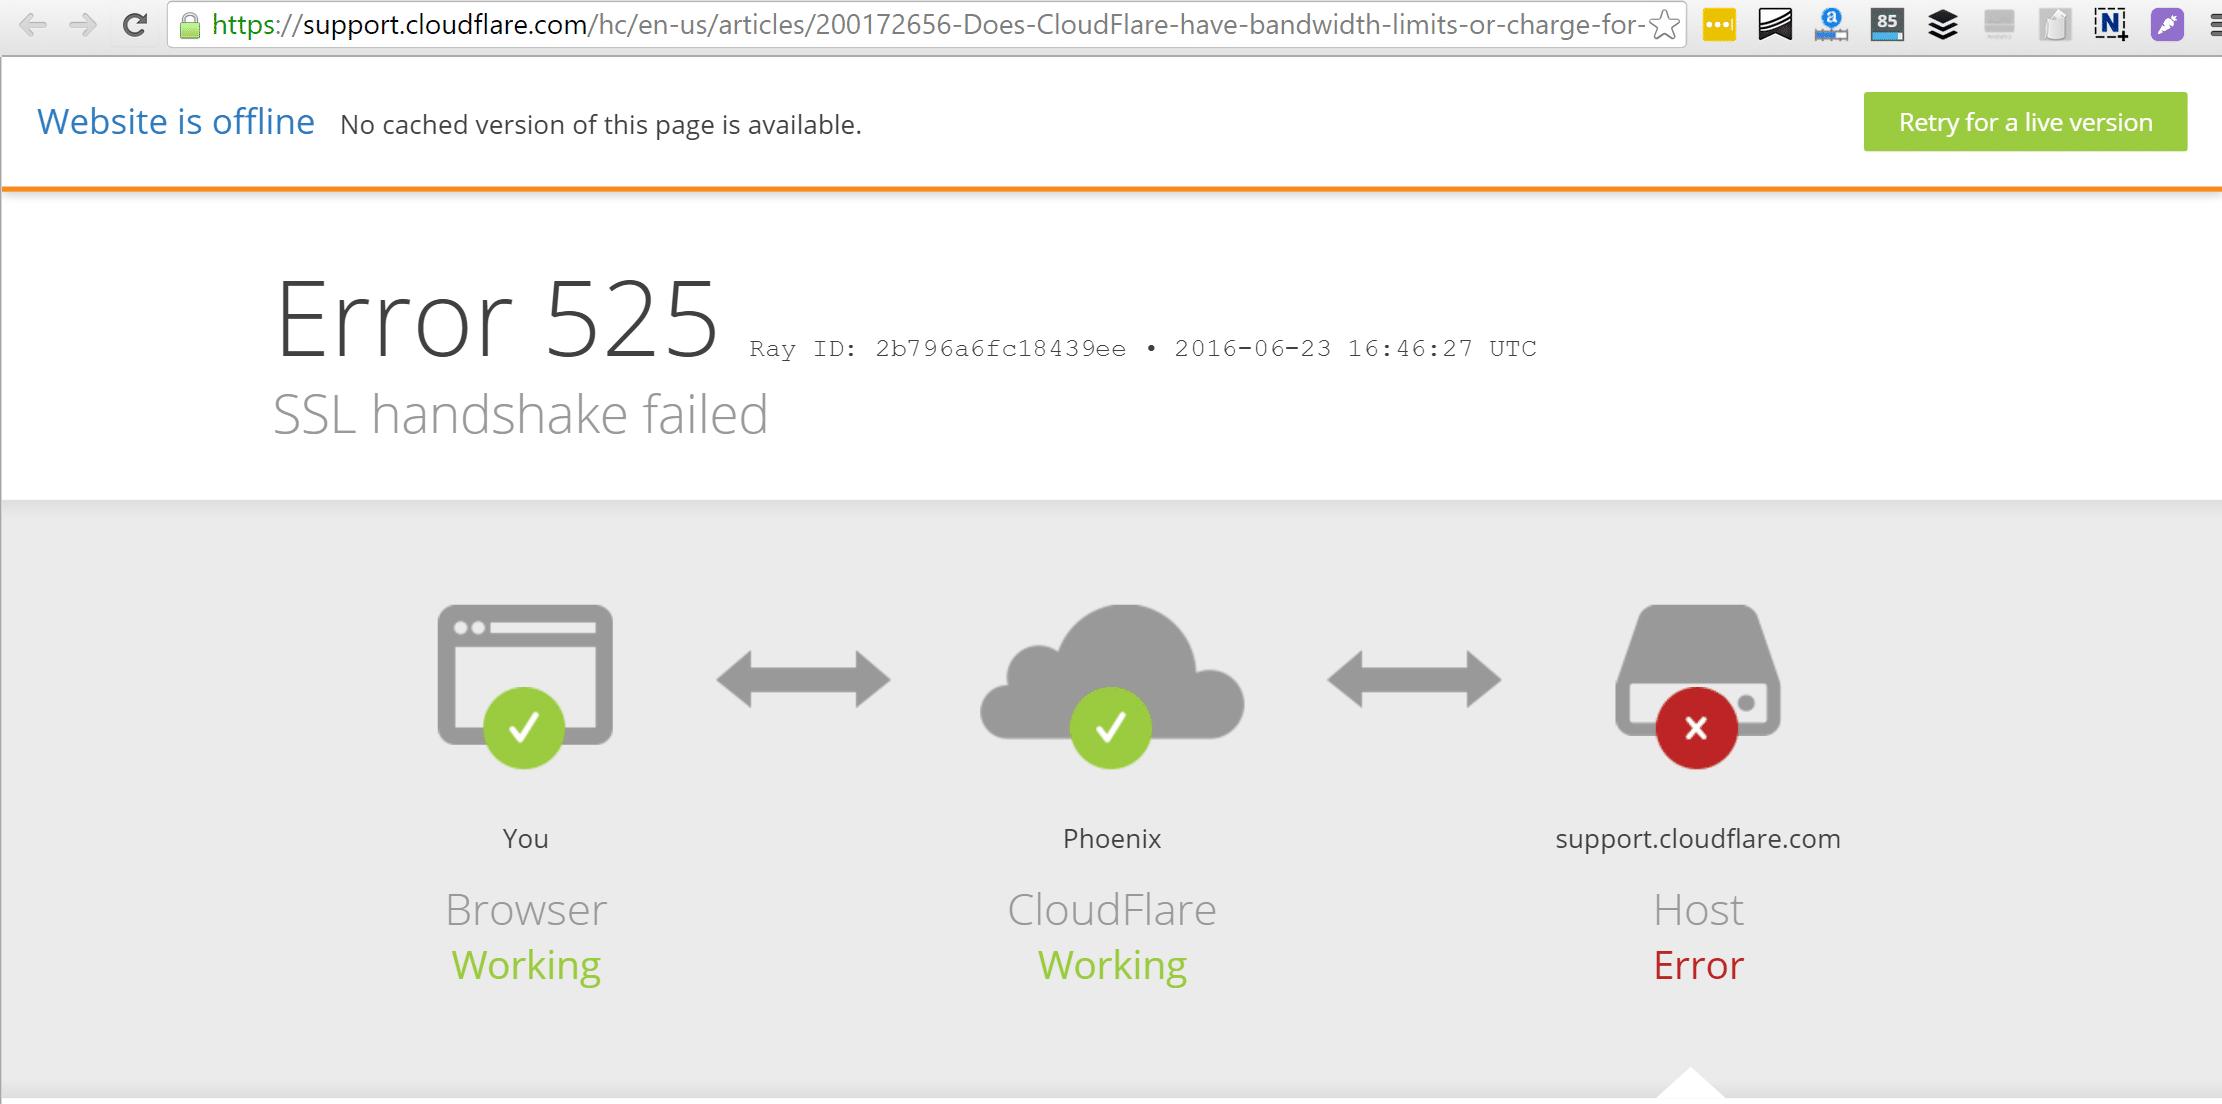 cloudflare error 525